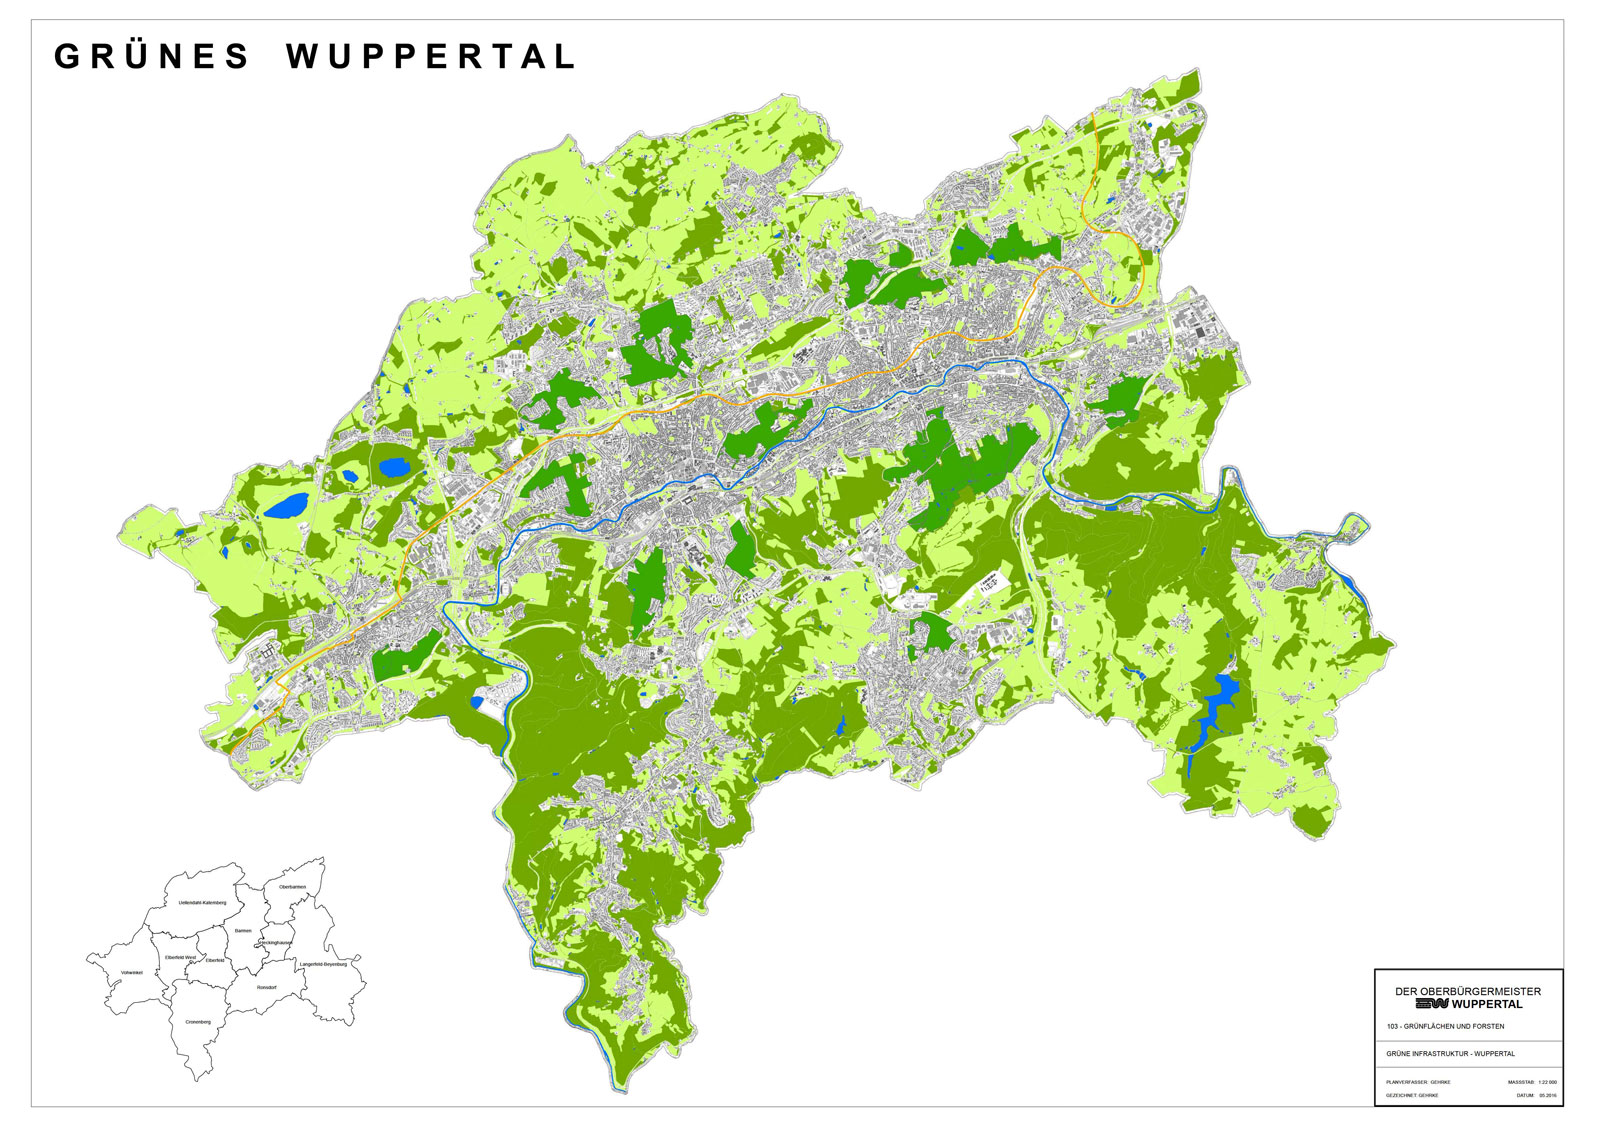 Wuppertal Karte Stadtteile.Nach Stadtteilen Wuppertals Grune Anlagen Forderverein